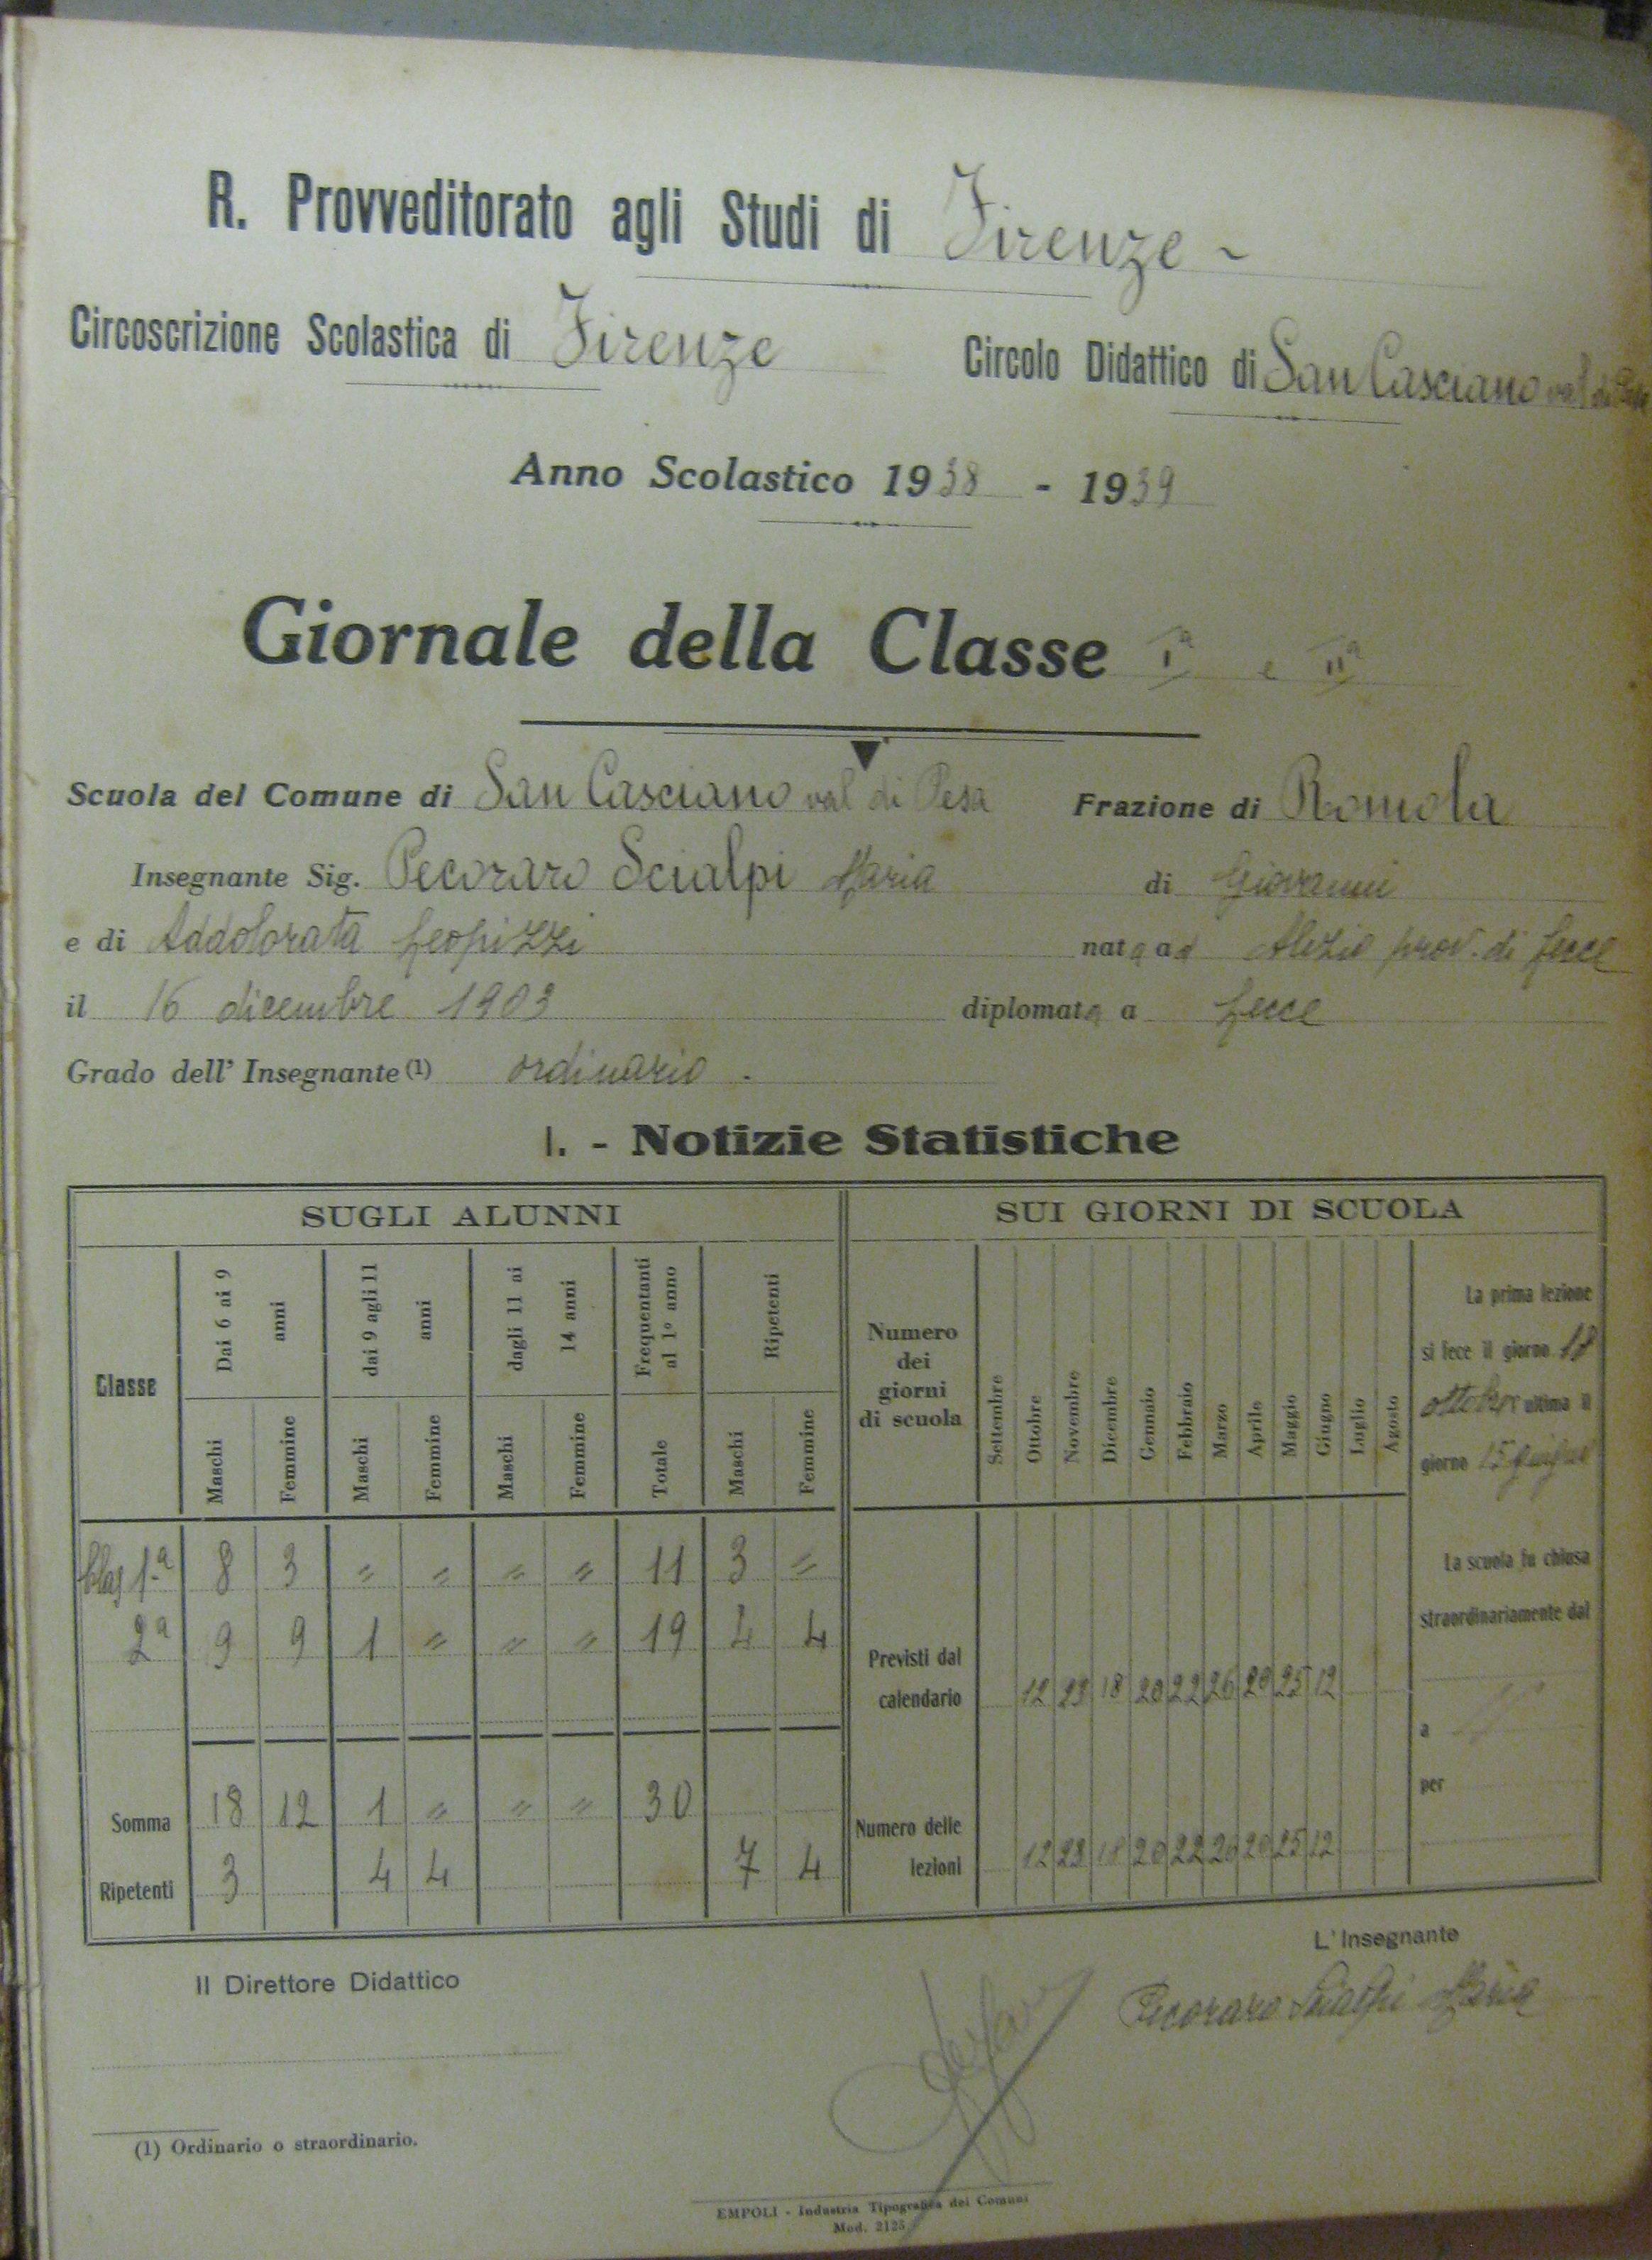 Giornale della classe dati classe-min